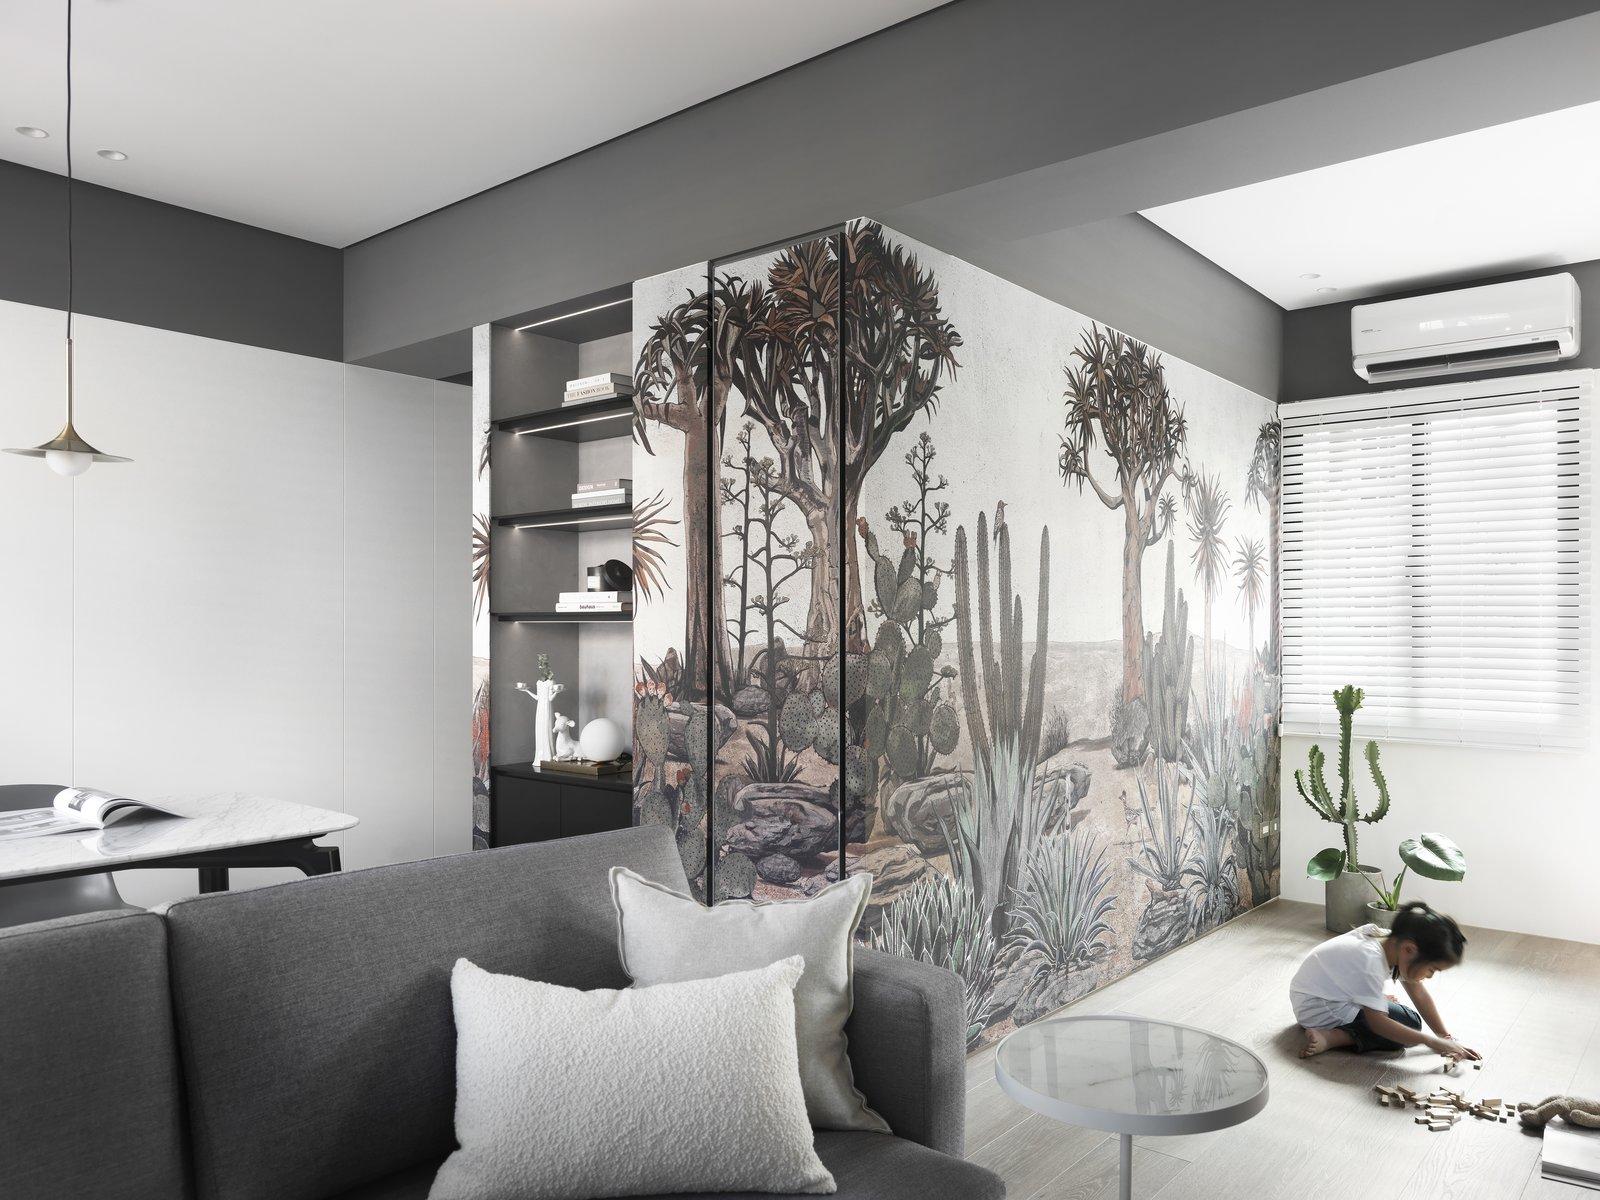 带起居室,沙发,浅色硬木地板和天花板照明的现代住宅。 日常生活的隐形秩序照片3